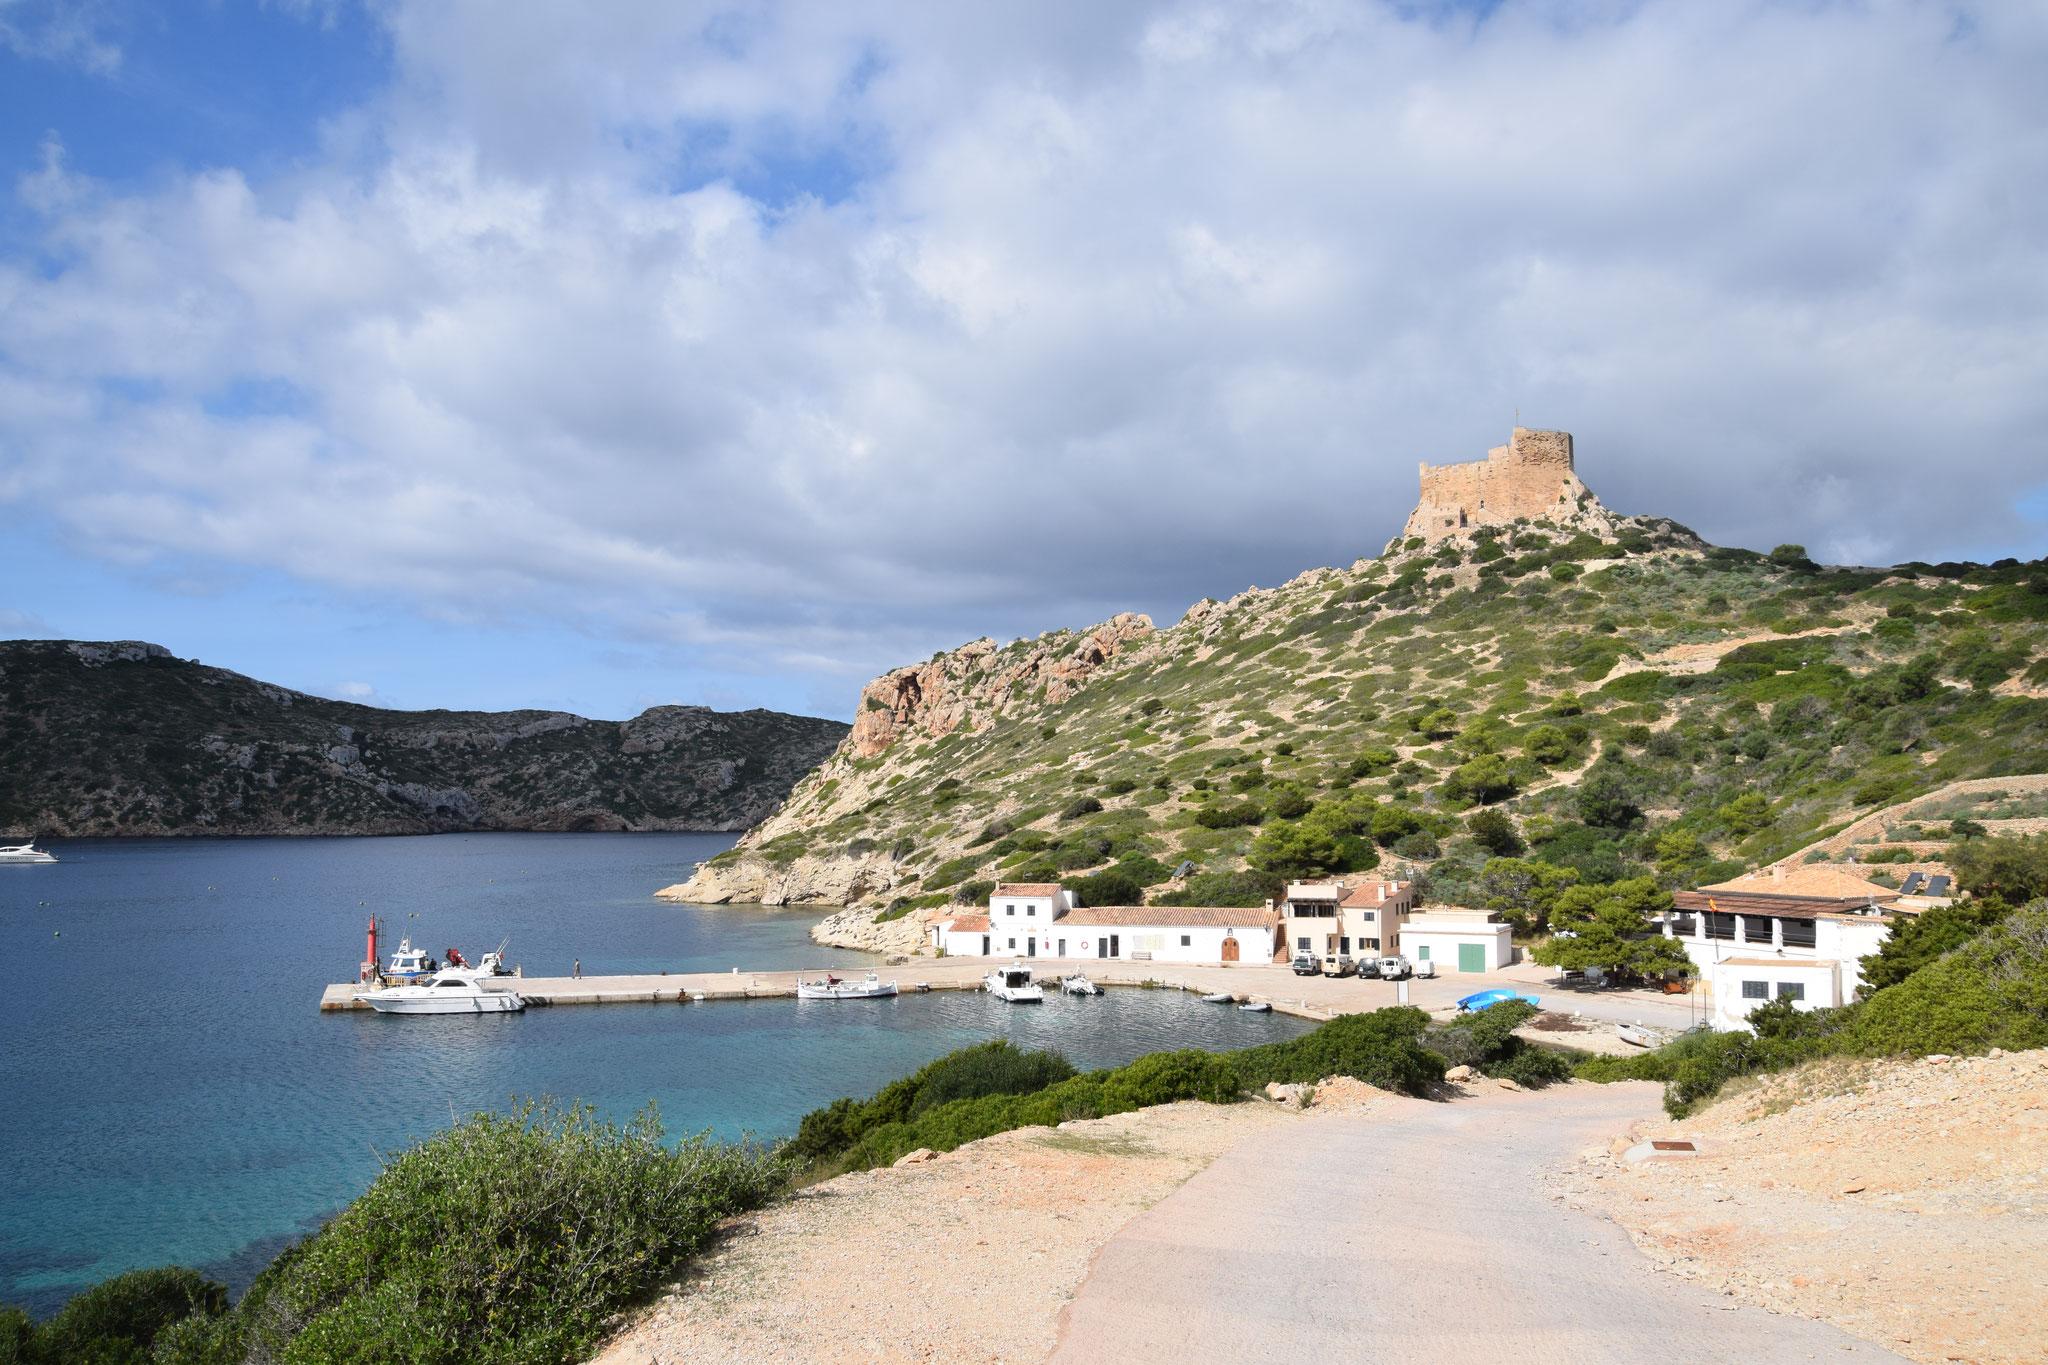 Blick auf den Haupttreffpunkt der Insel